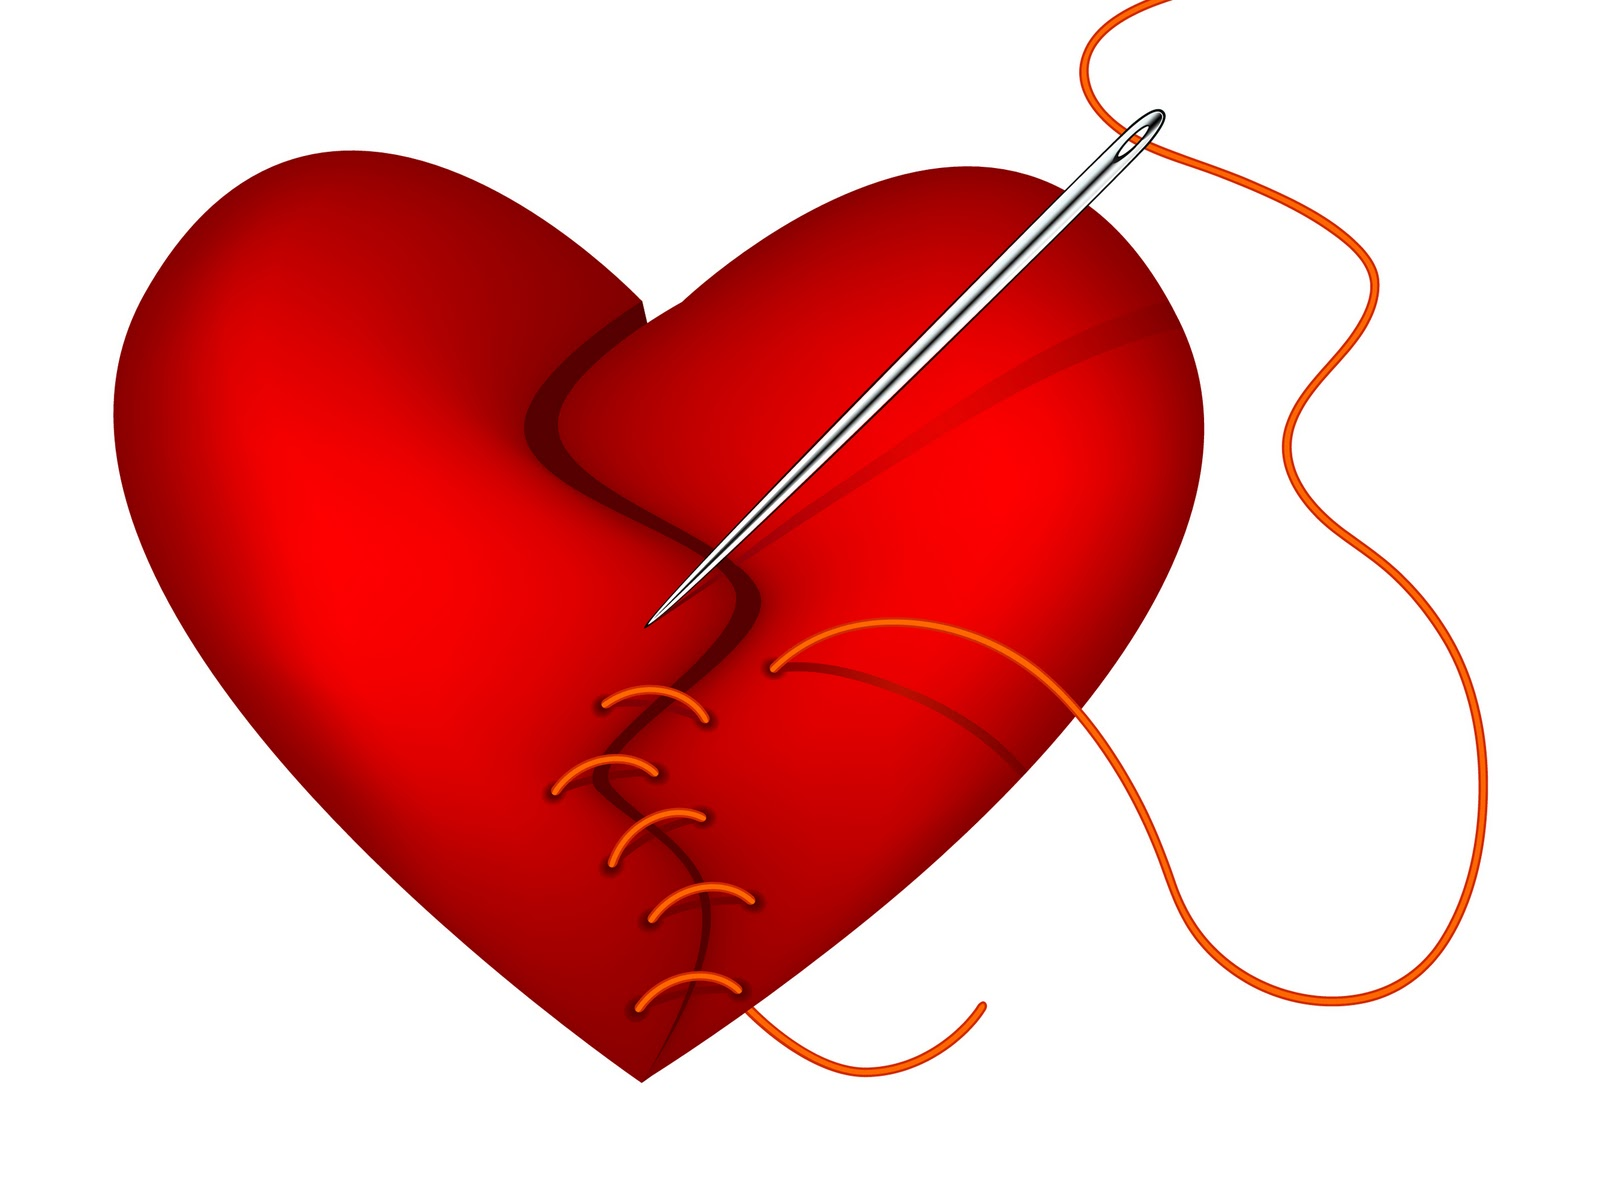 Kan man få krossat hjärta